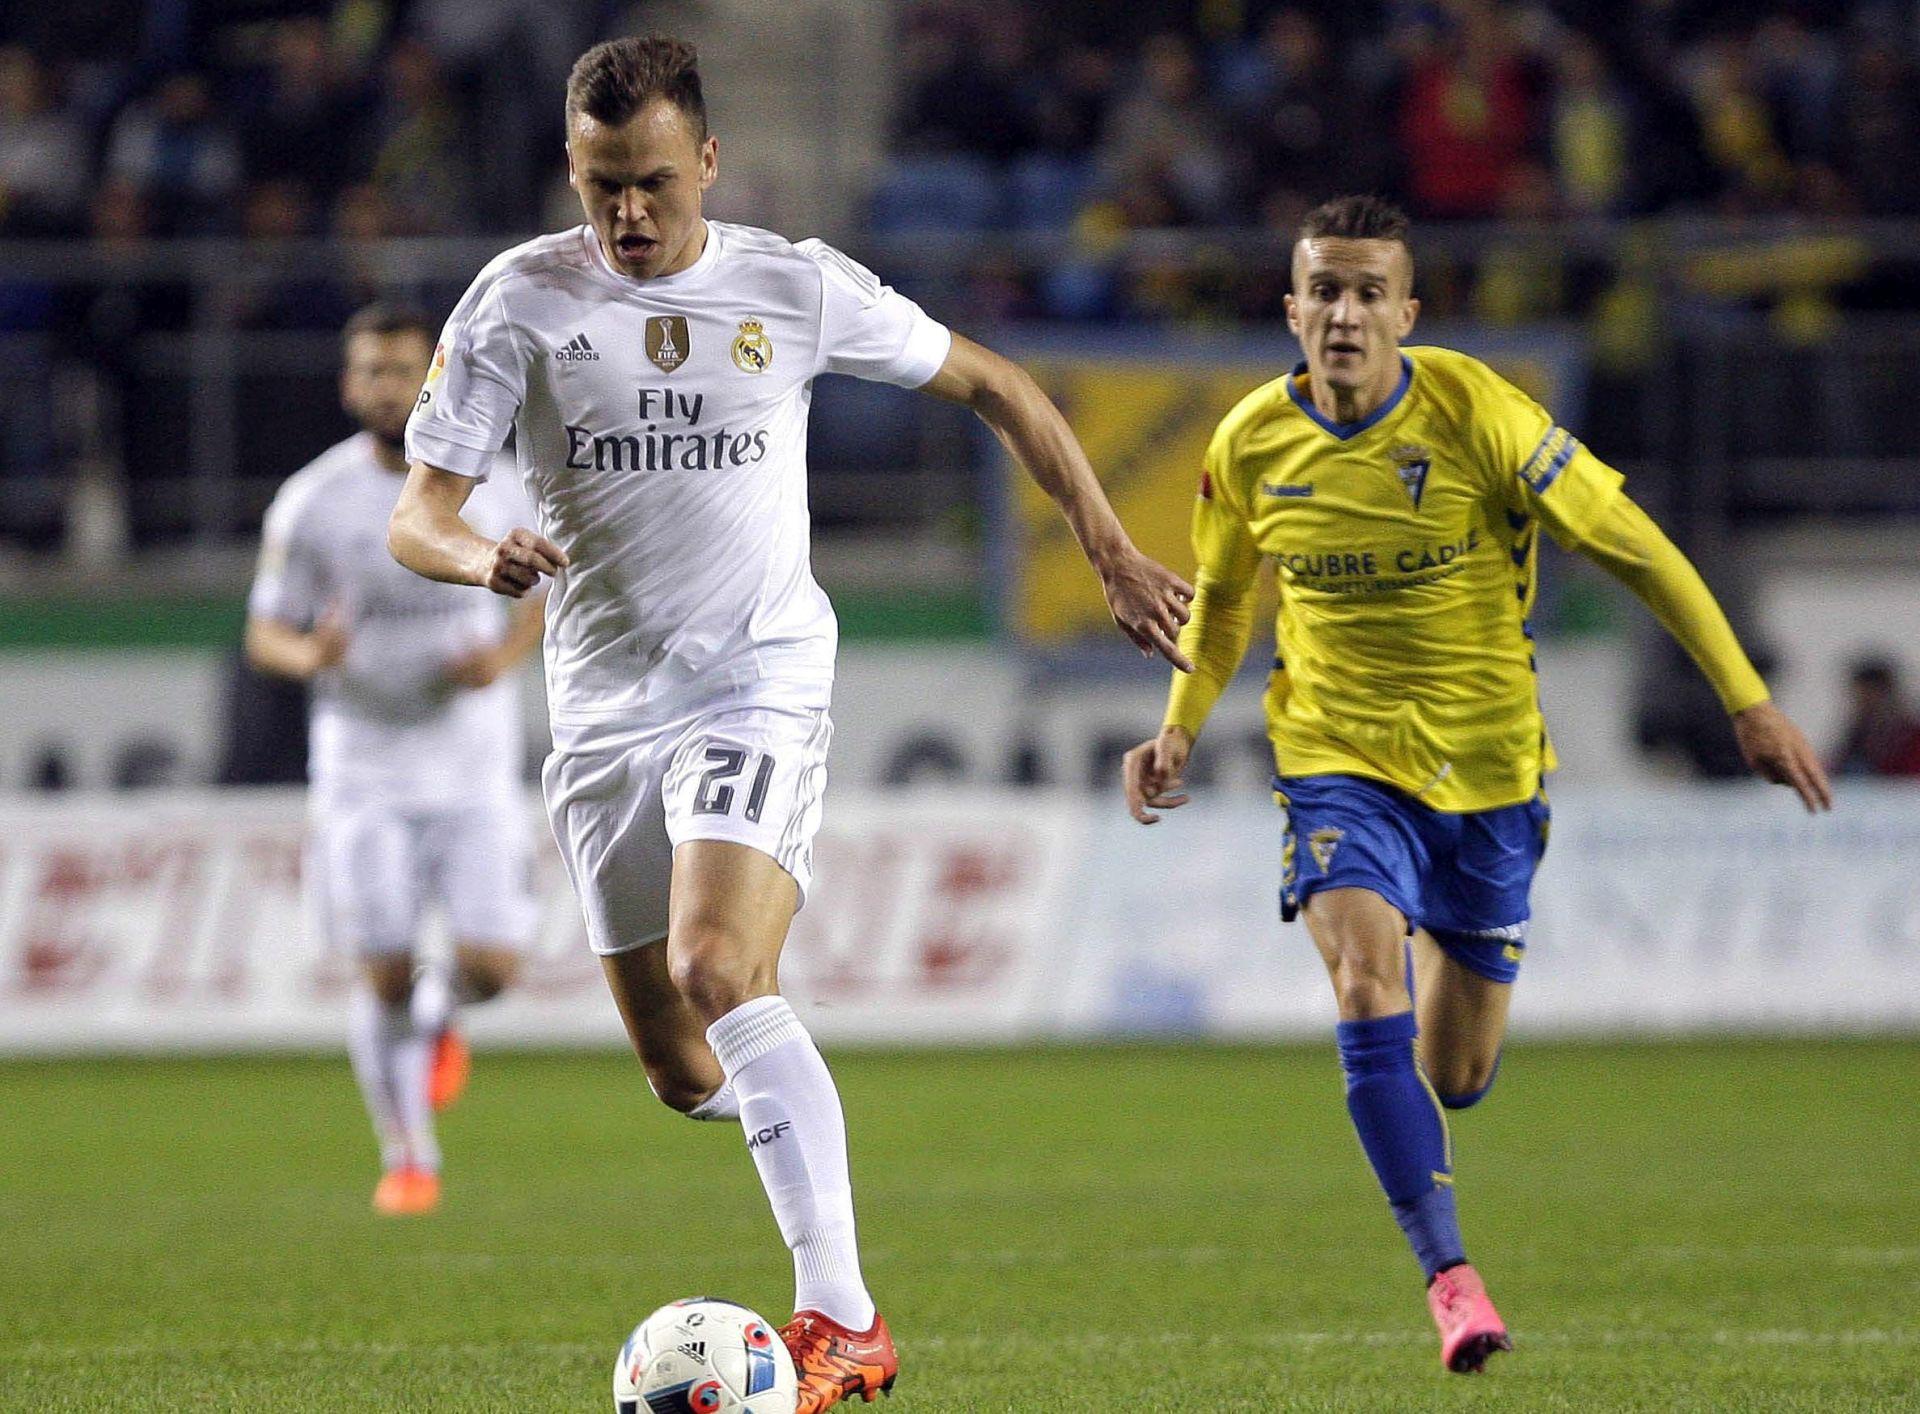 POTVRĐENO IZBACIVANJE: Odbačena žalba Real Madrida